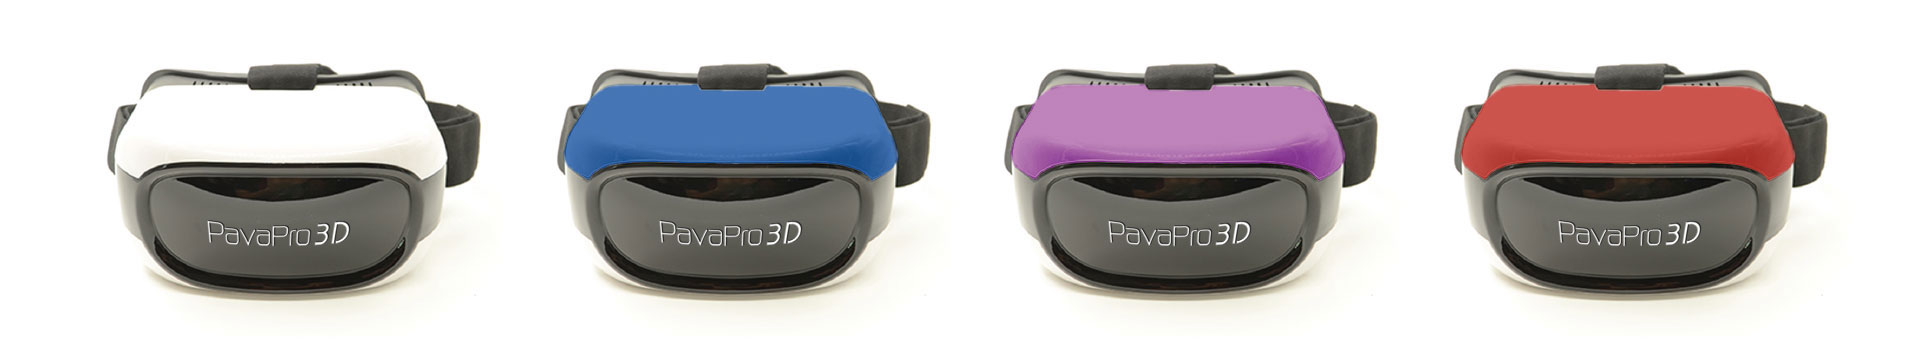 pavapro 3d colors